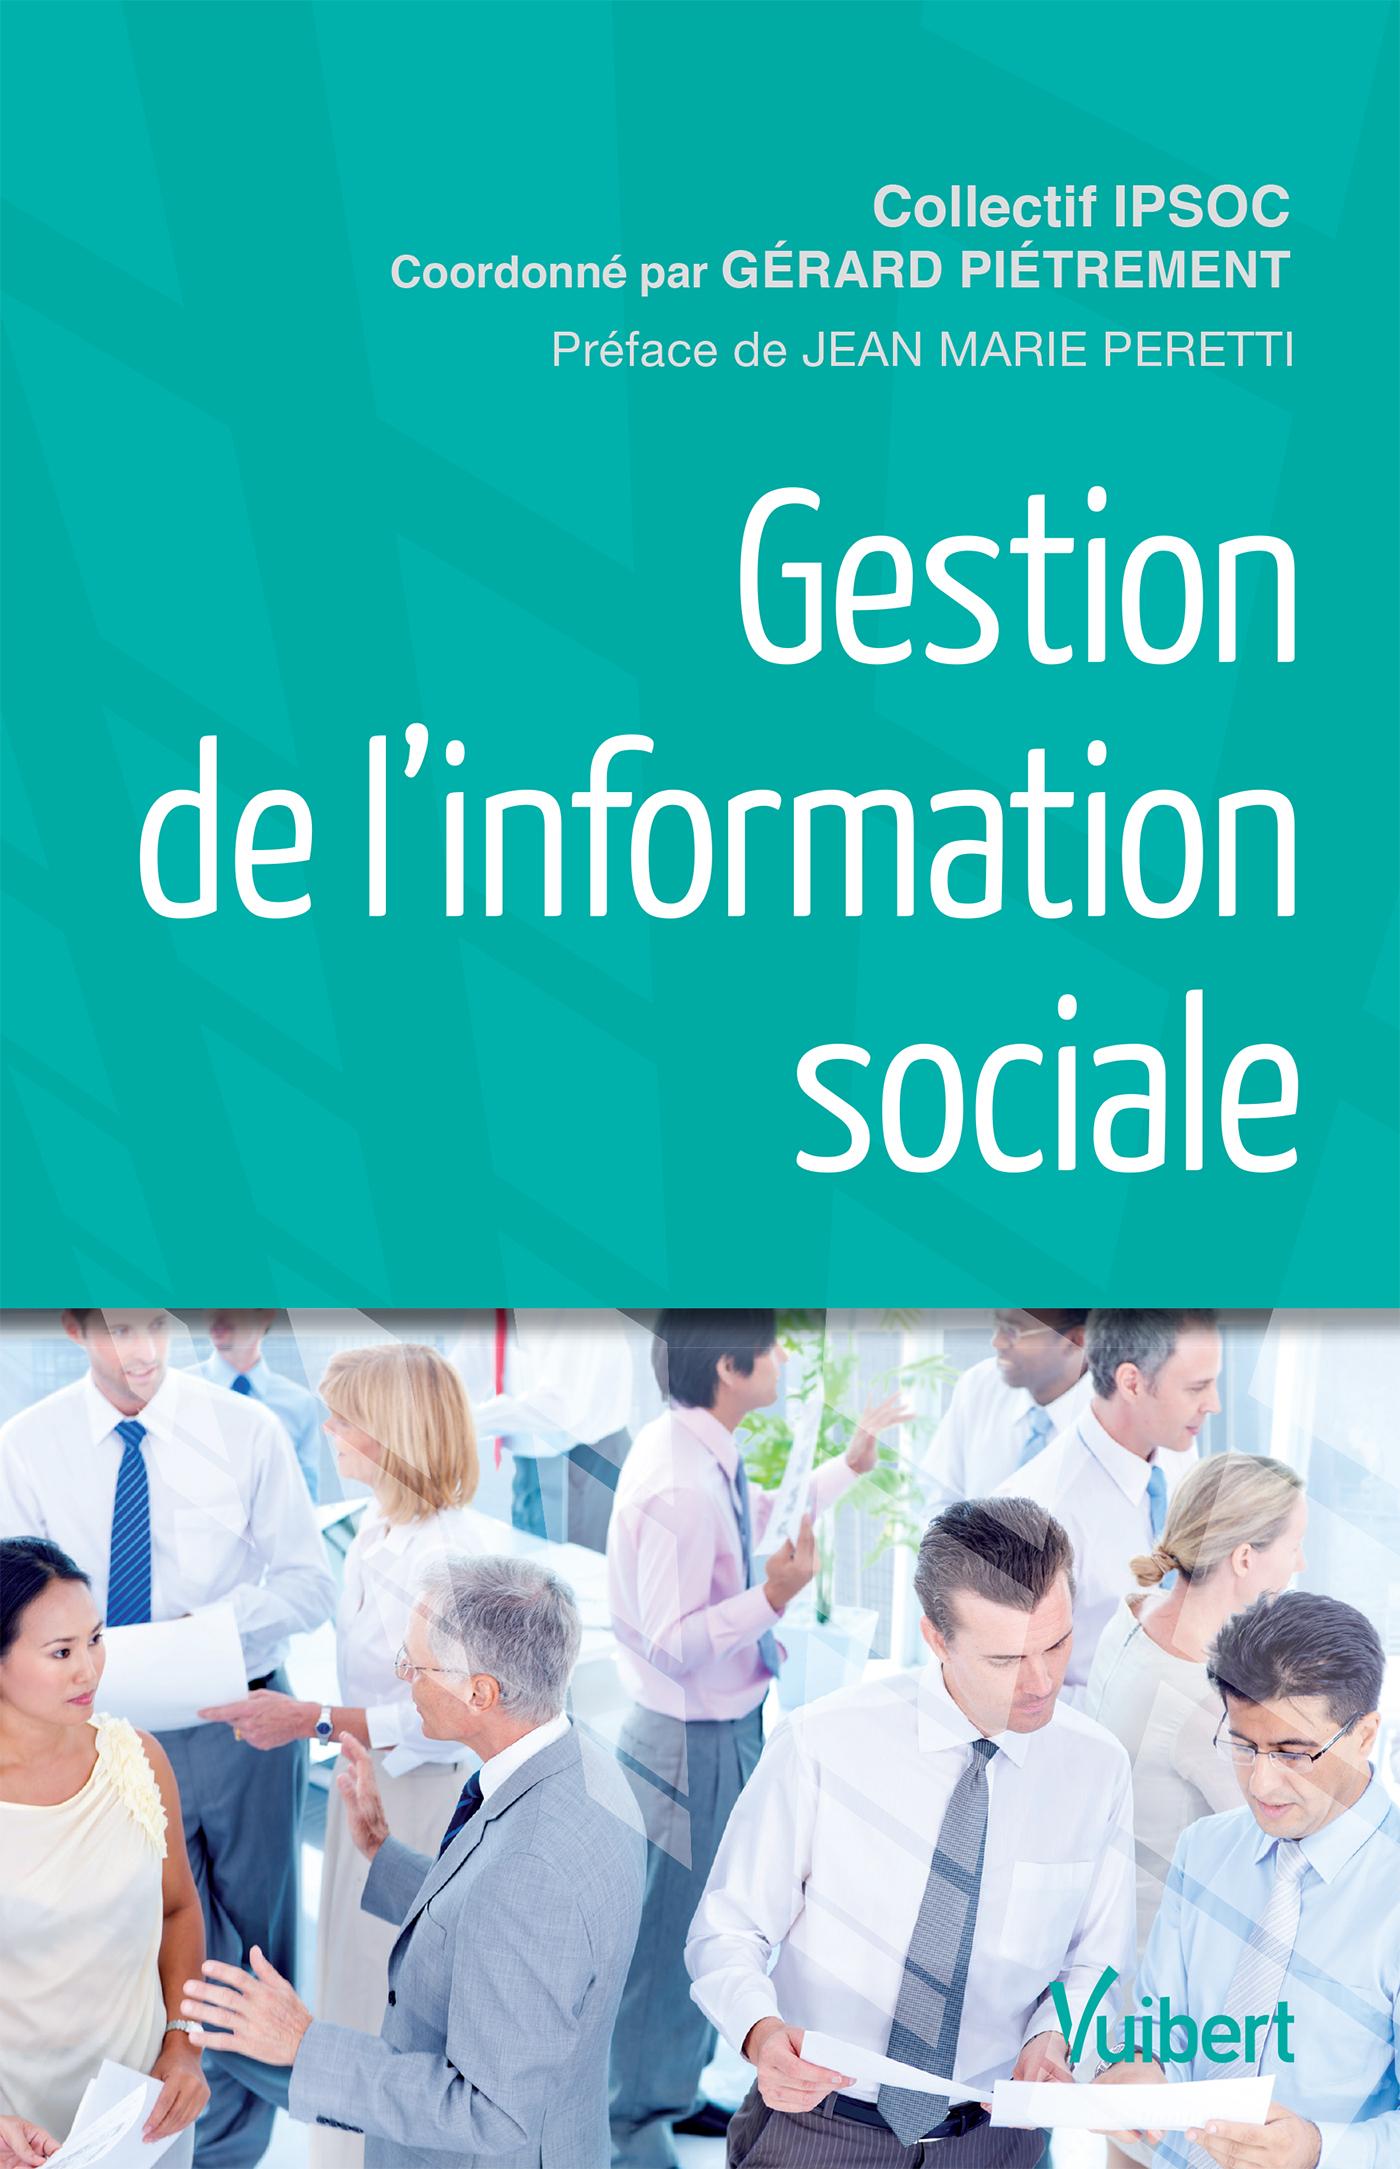 GESTION DE L'INFORMATION SOCIALE